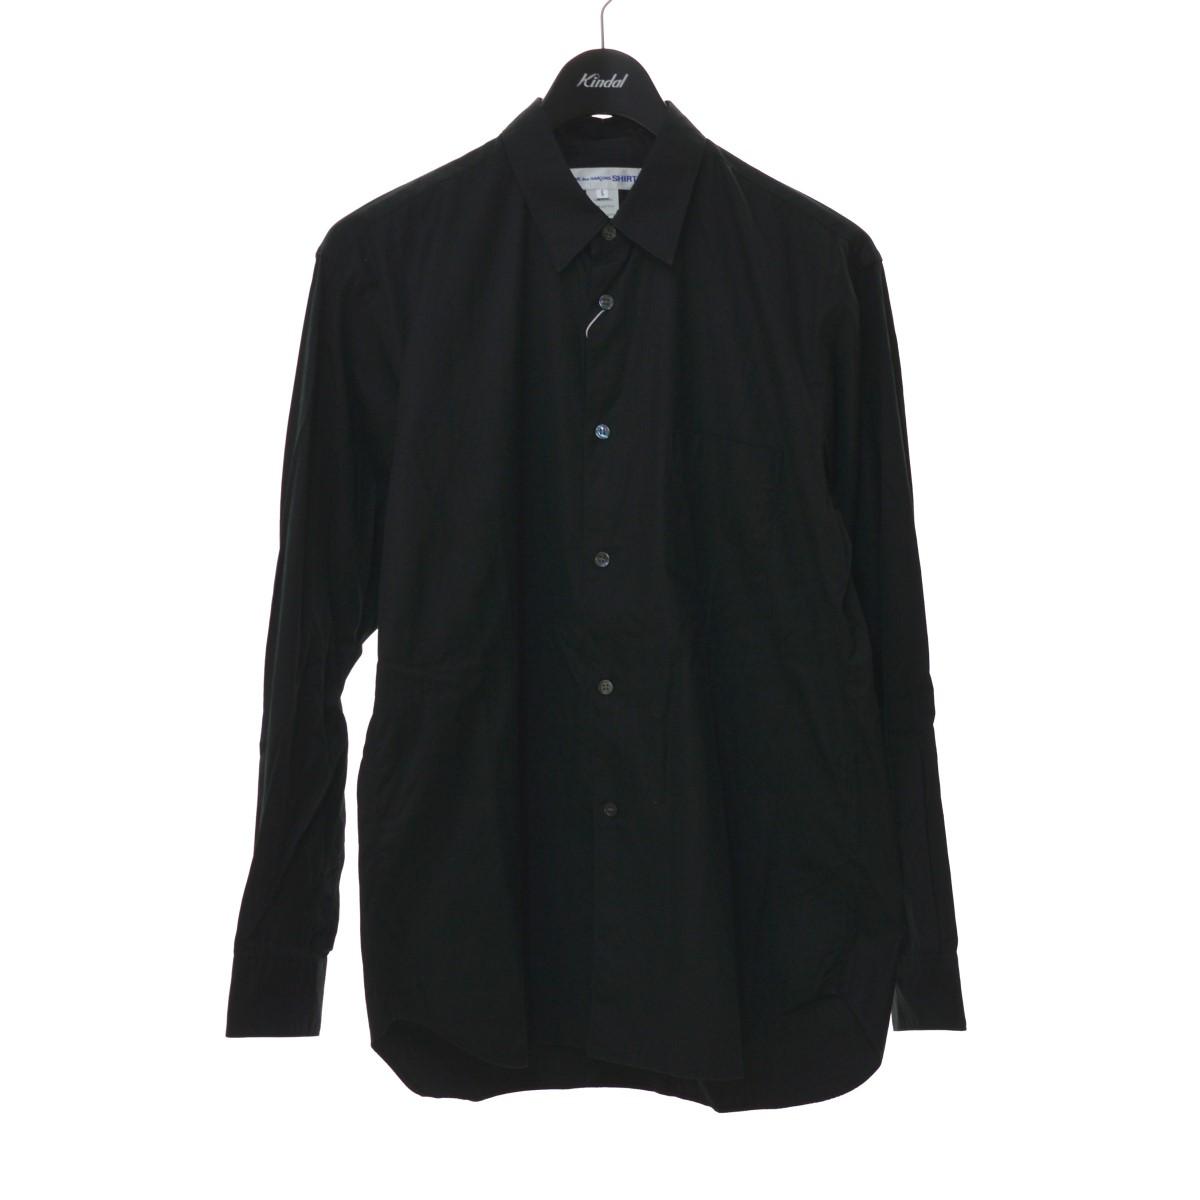 コムデギャルソンシャツ 中古 別倉庫からの配送 COMME des GARCONS SHIRT 20SS MAIDE Classic FRANCE ブラック Shirts サイズ:S 221120 IN 販売実績No.1